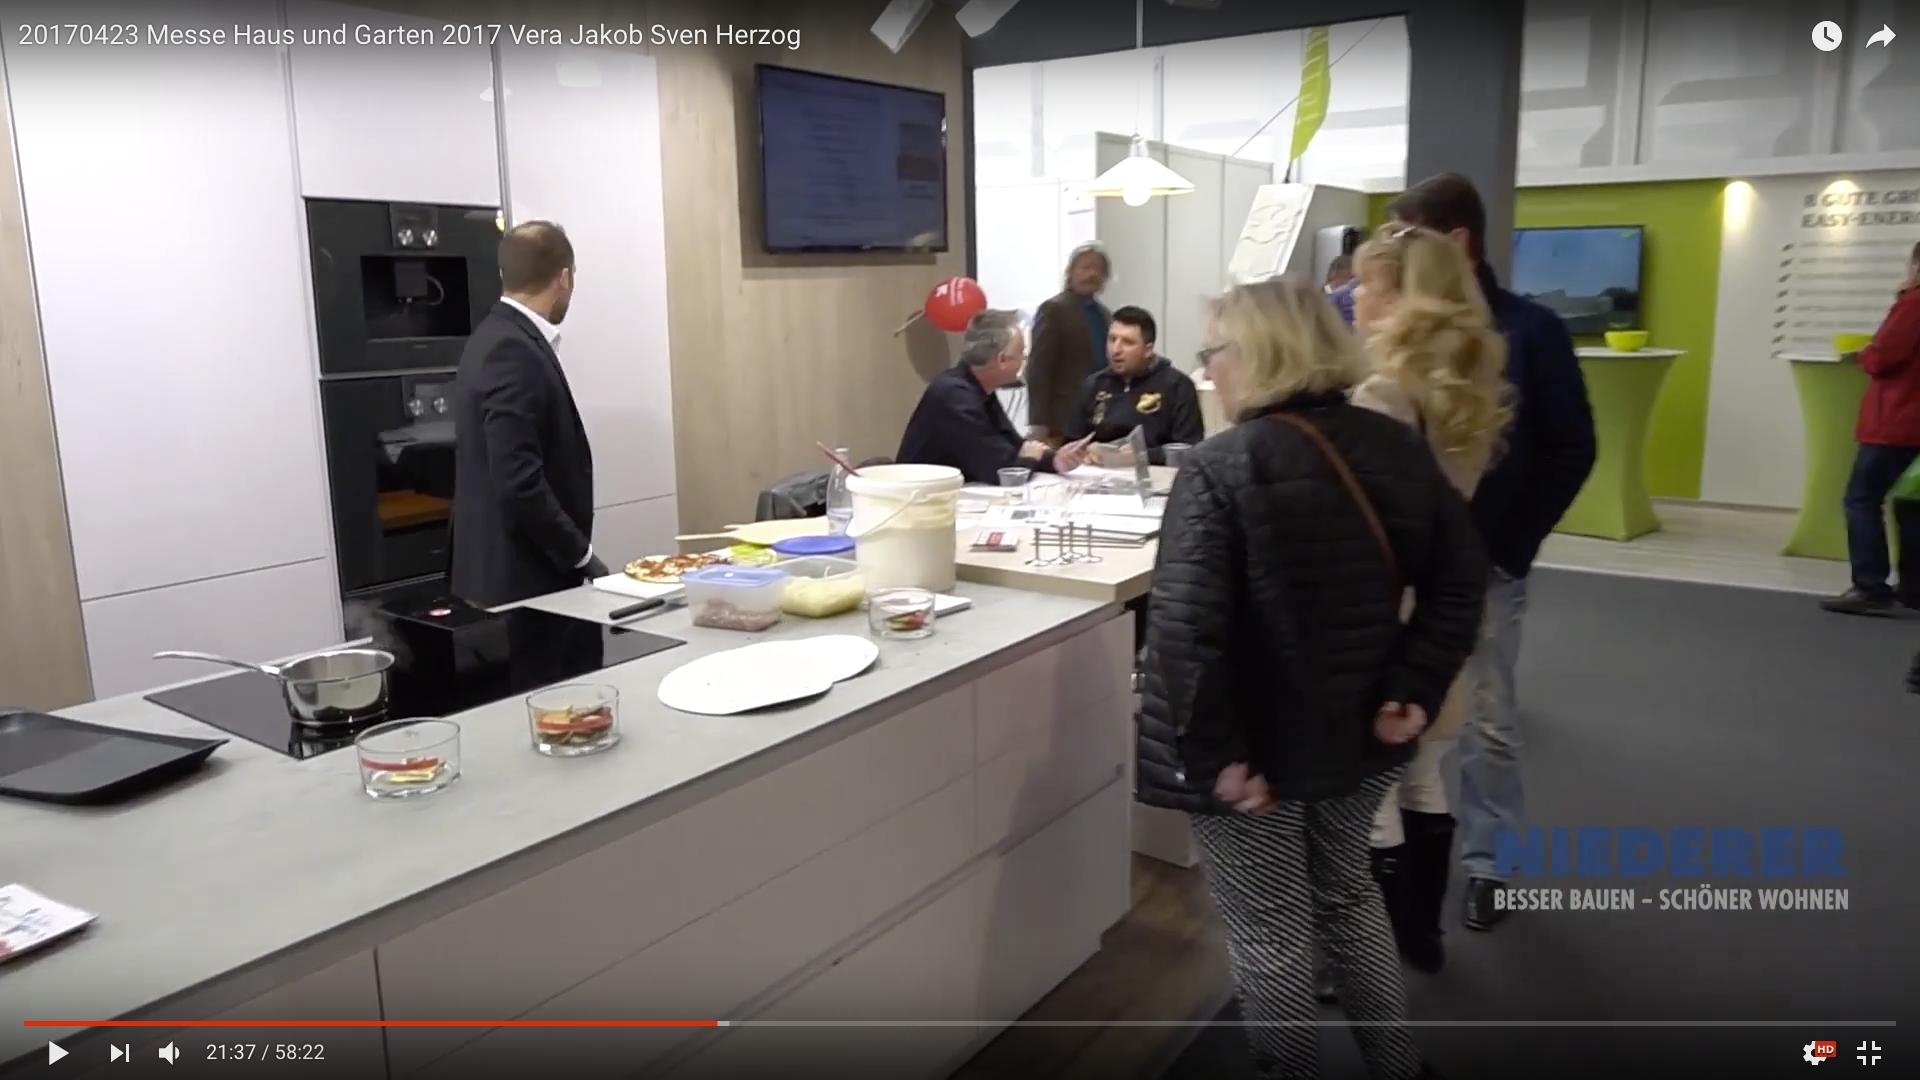 2017 Messe Haus und Garten 2017 Küchen_MSM_MEDIEN_SAAR_MOSEL_SAARLAND_FERNSEHEN_1_ED_SAAR